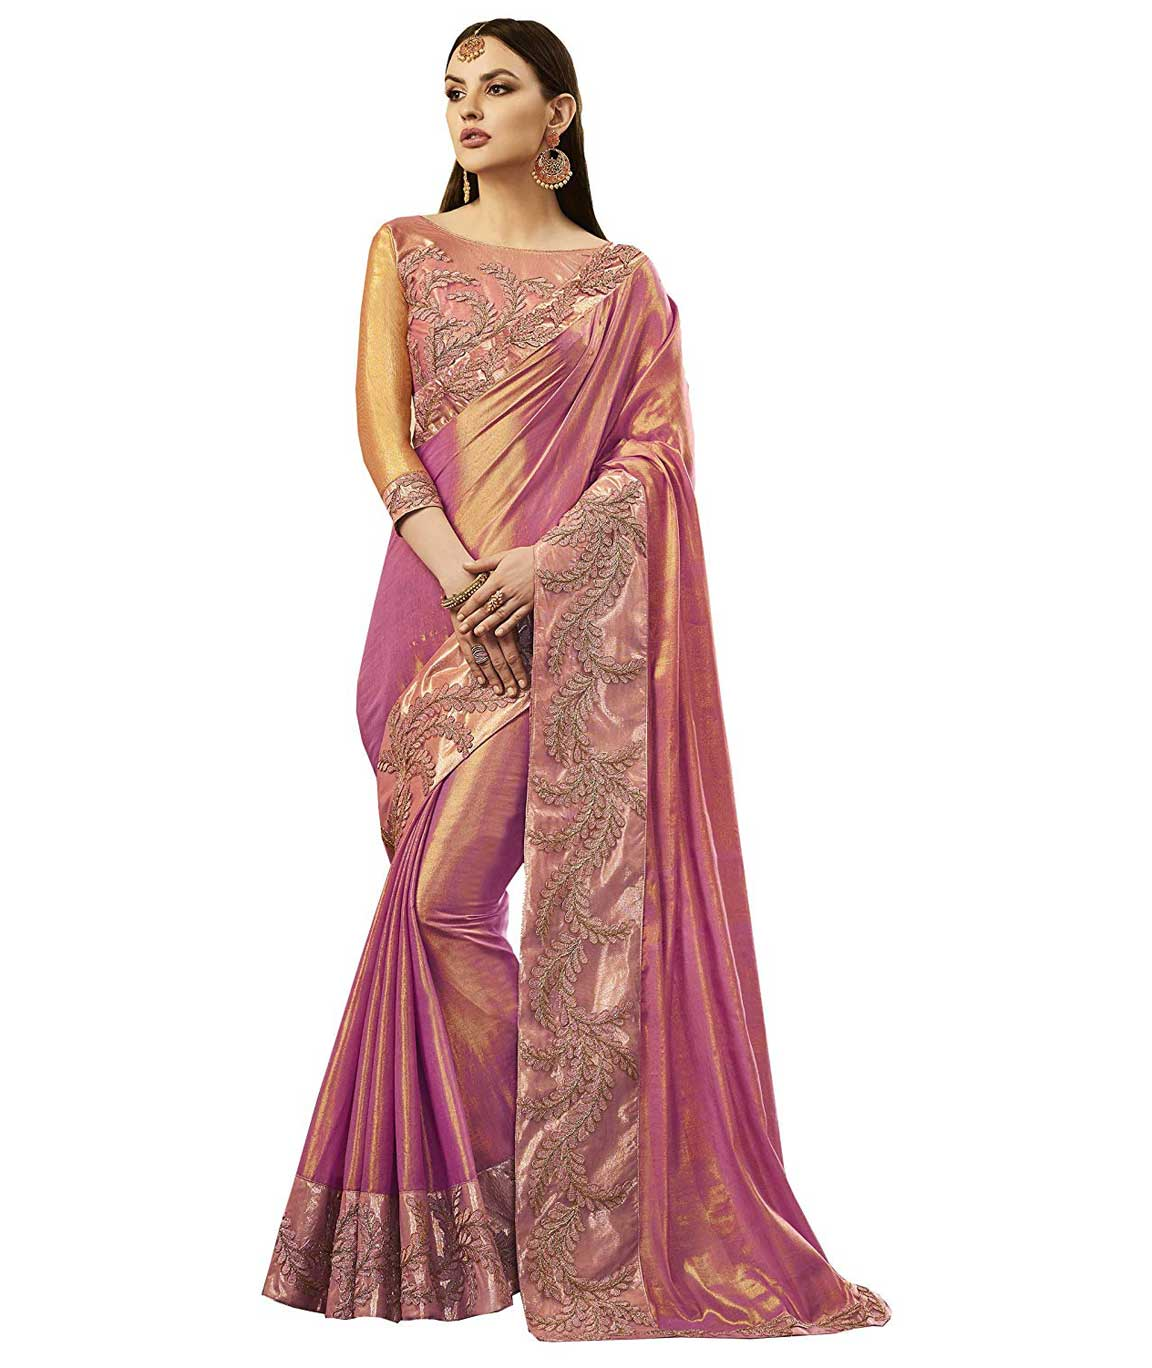 Shangrila Designer Pink Color Embellished Lace Work Silk Saree With Unstitched Blouse (Pink)